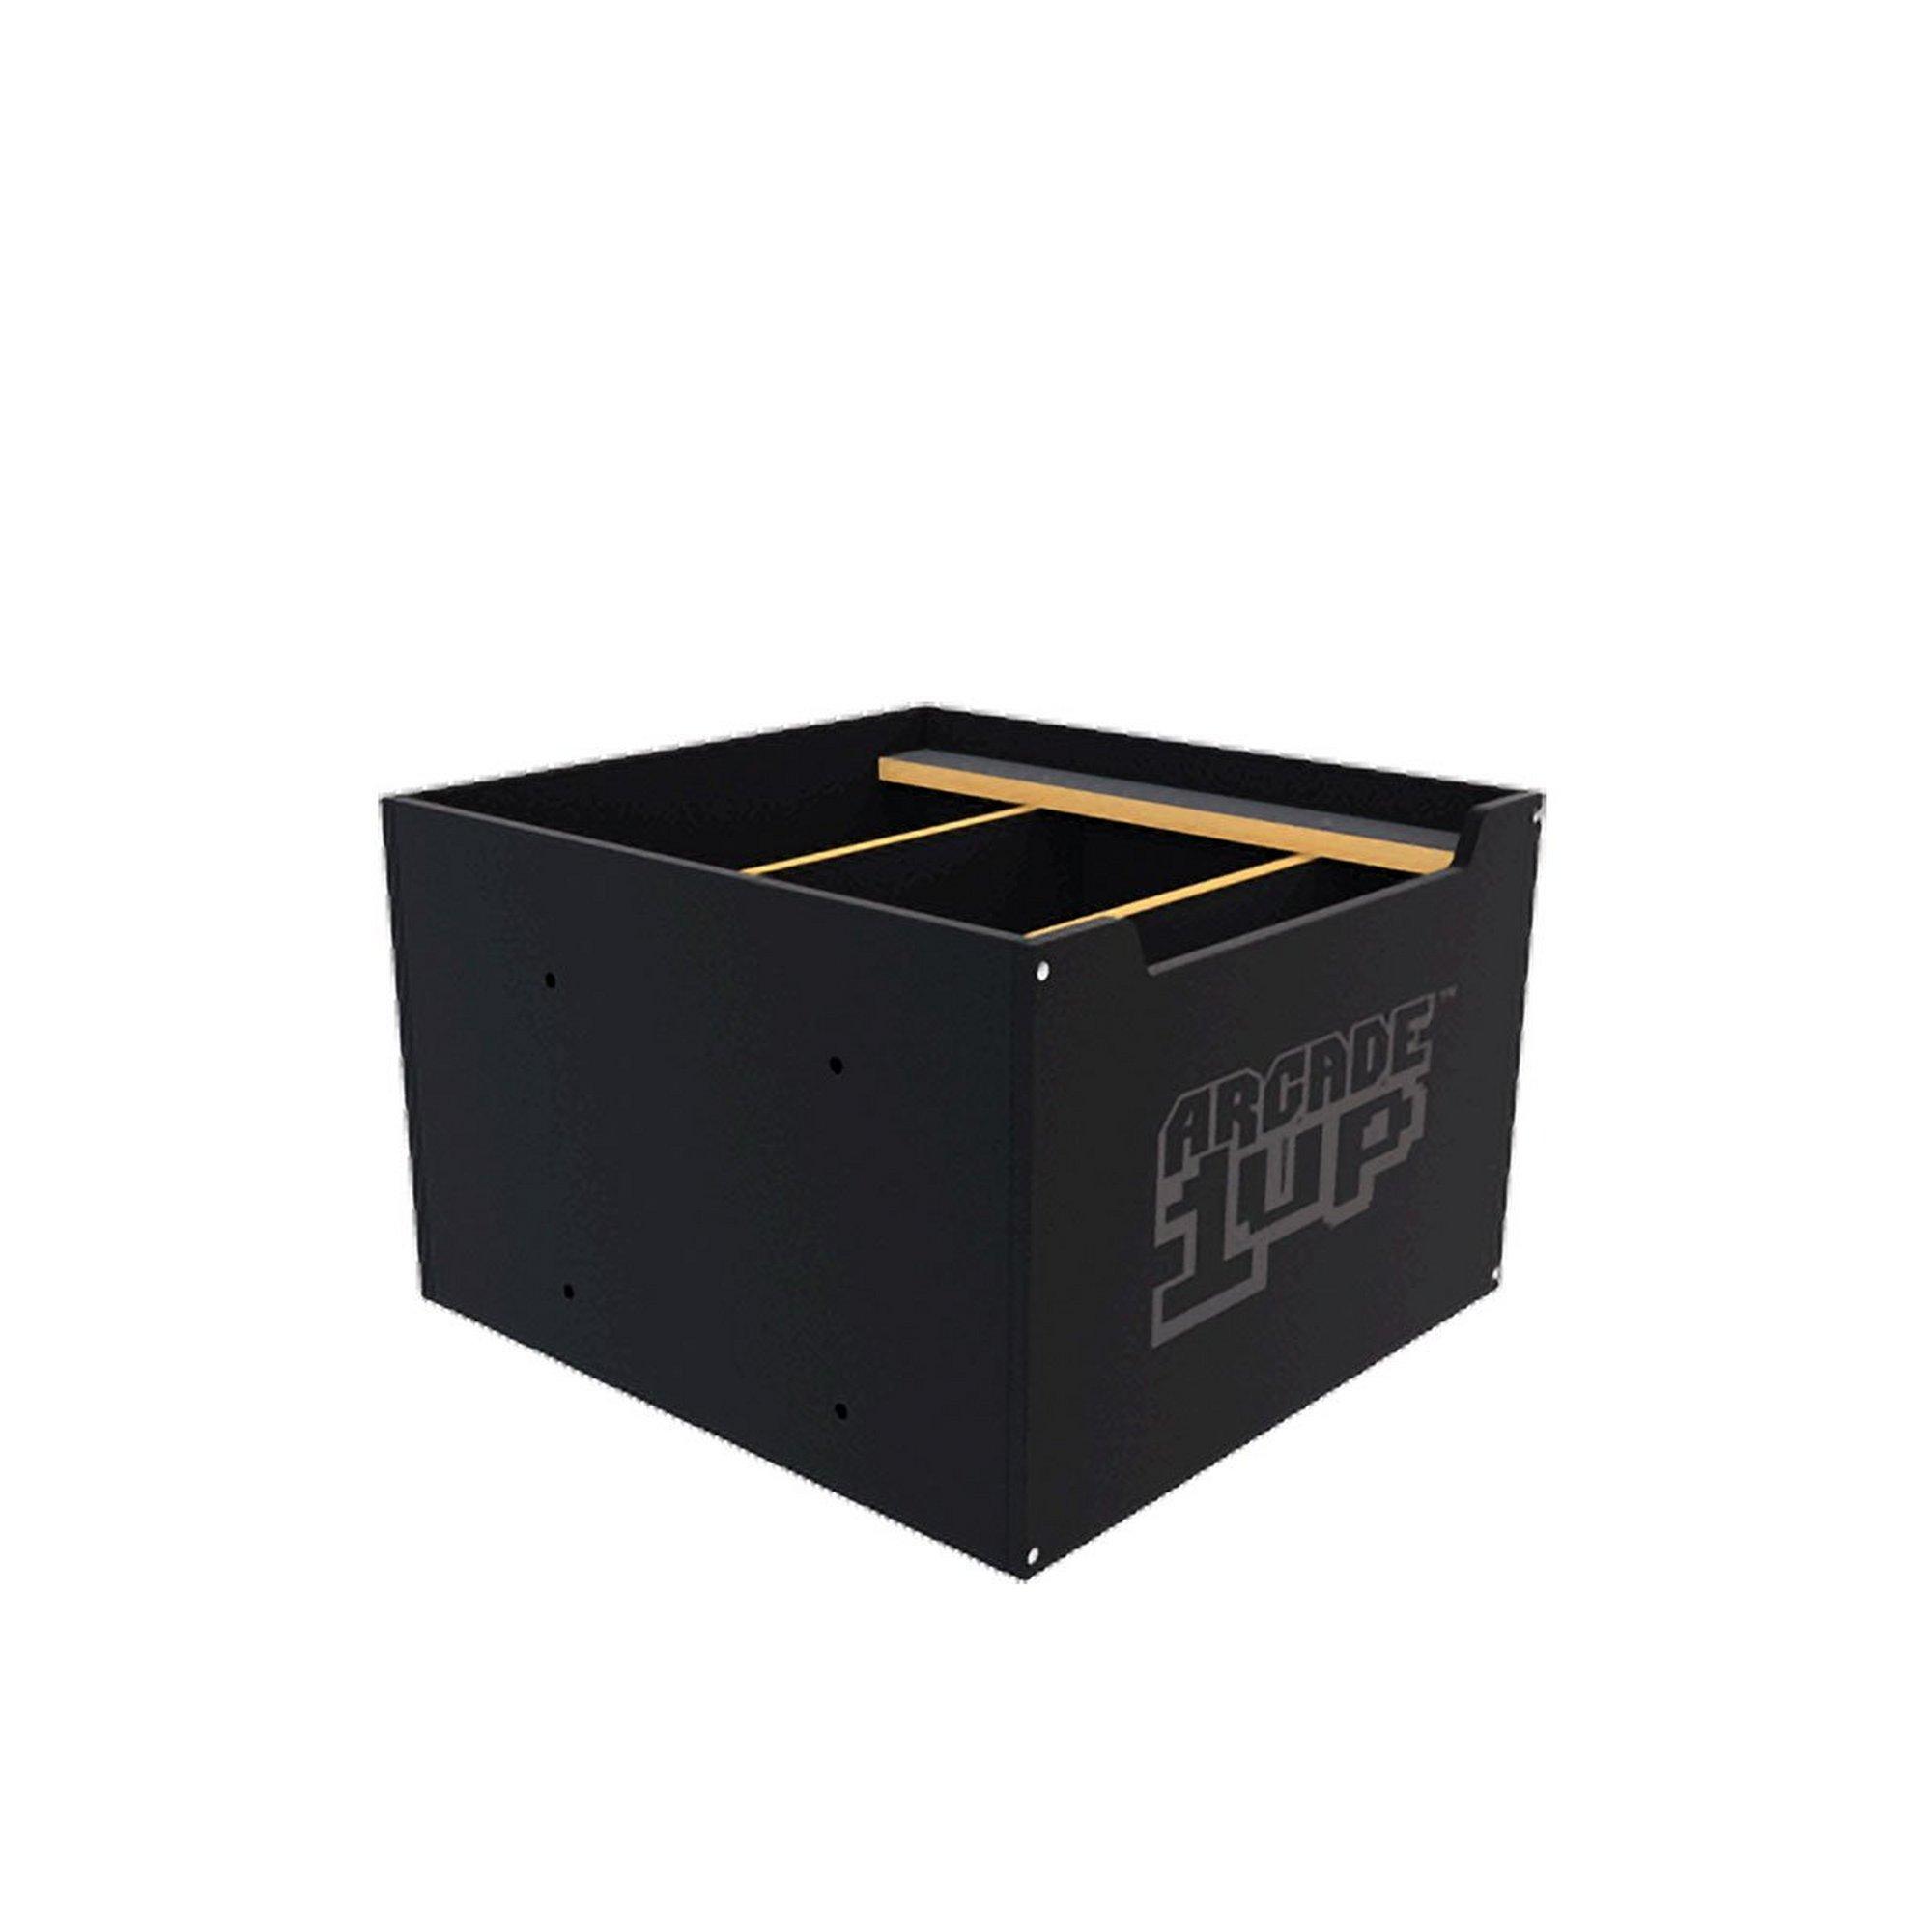 Image of Arcade1Up: Branded Riser